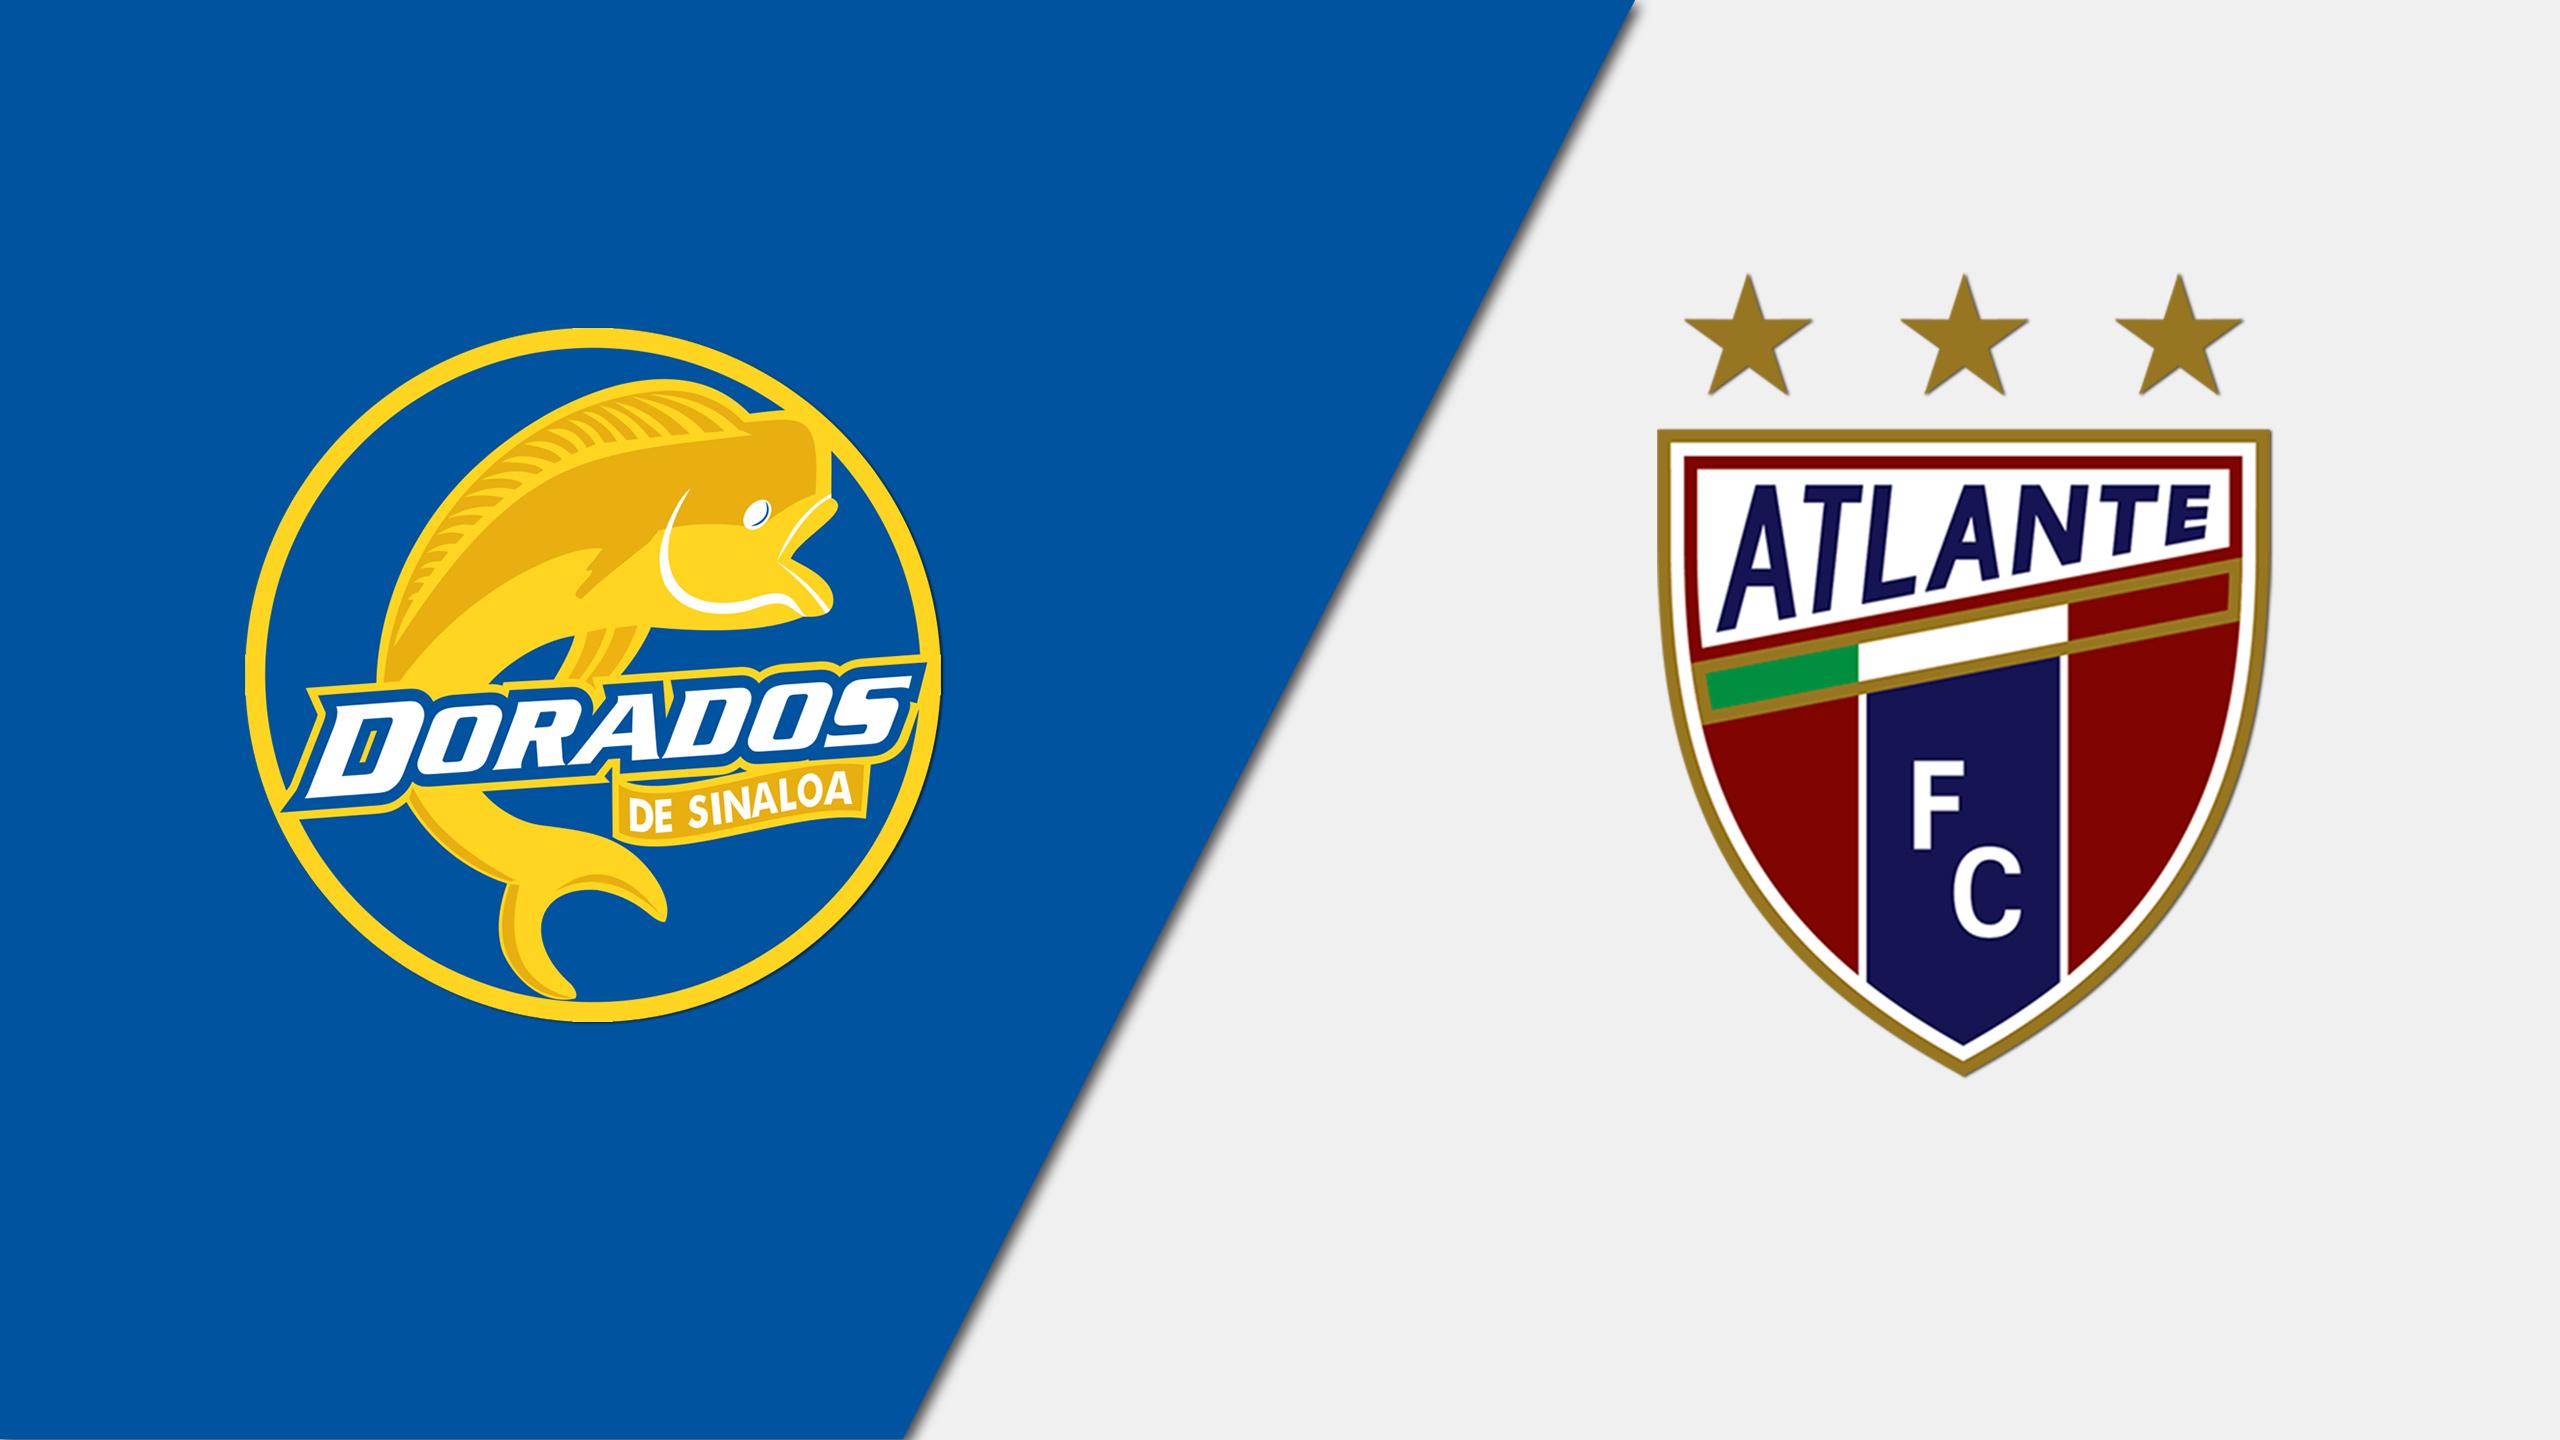 In Spanish - Dorados de Sinaloa vs. Potros del Atlante (Jornada 7)